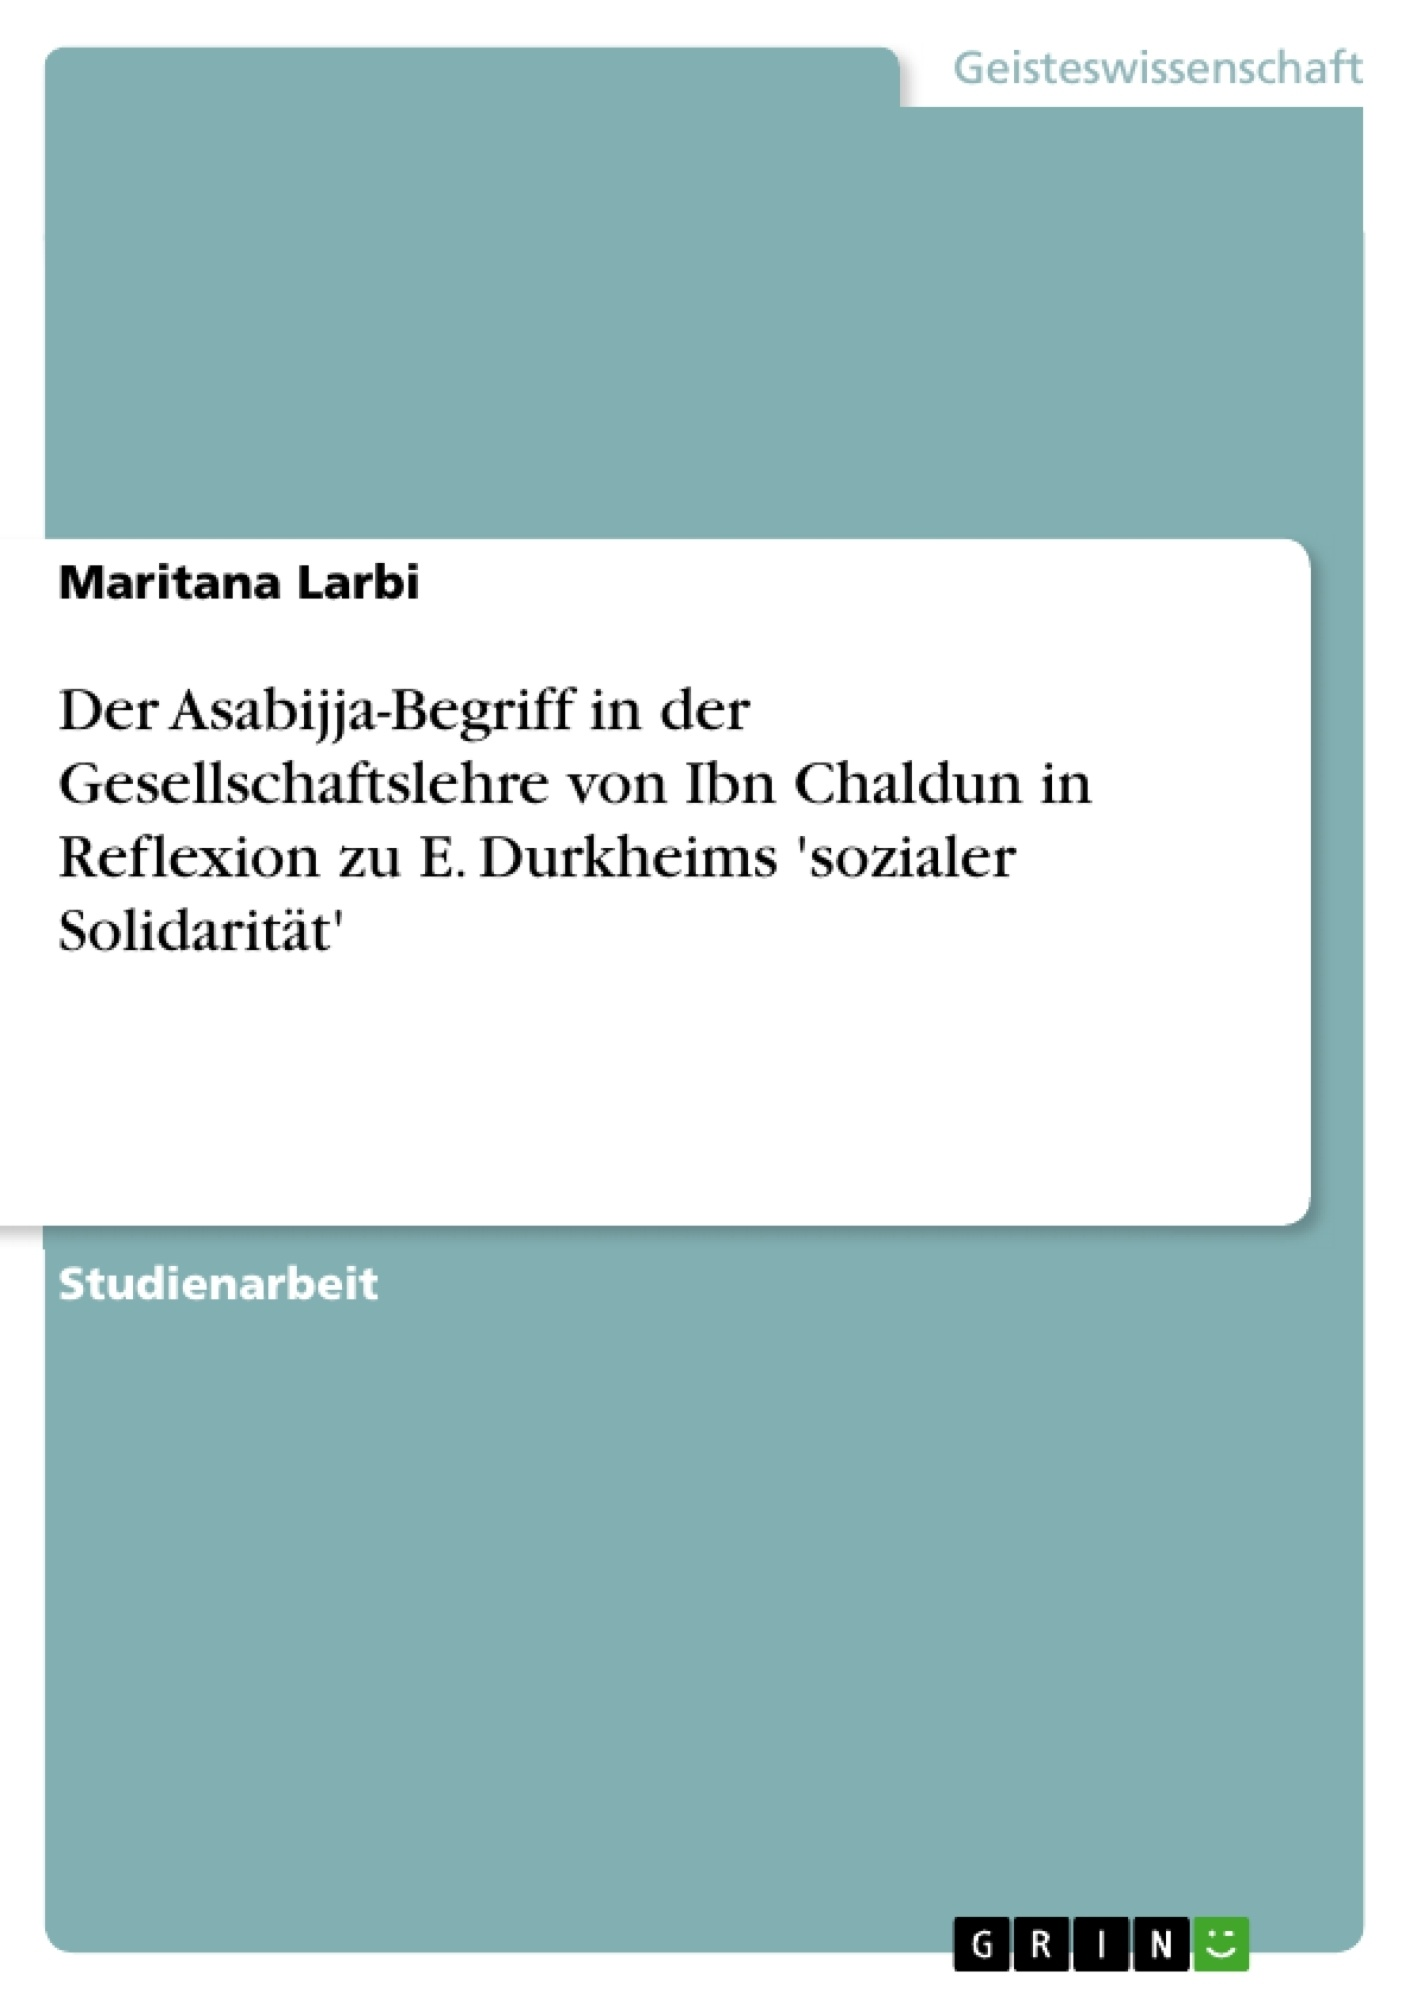 Titel: Der Asabijja-Begriff in der Gesellschaftslehre von Ibn Chaldun in Reflexion zu E. Durkheims 'sozialer Solidarität'